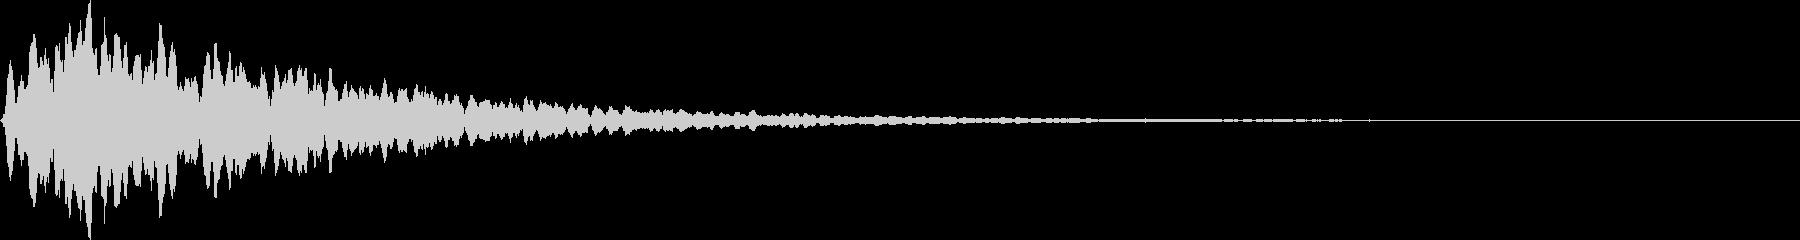 ボーン(洞窟で物を落とした様な音)の未再生の波形